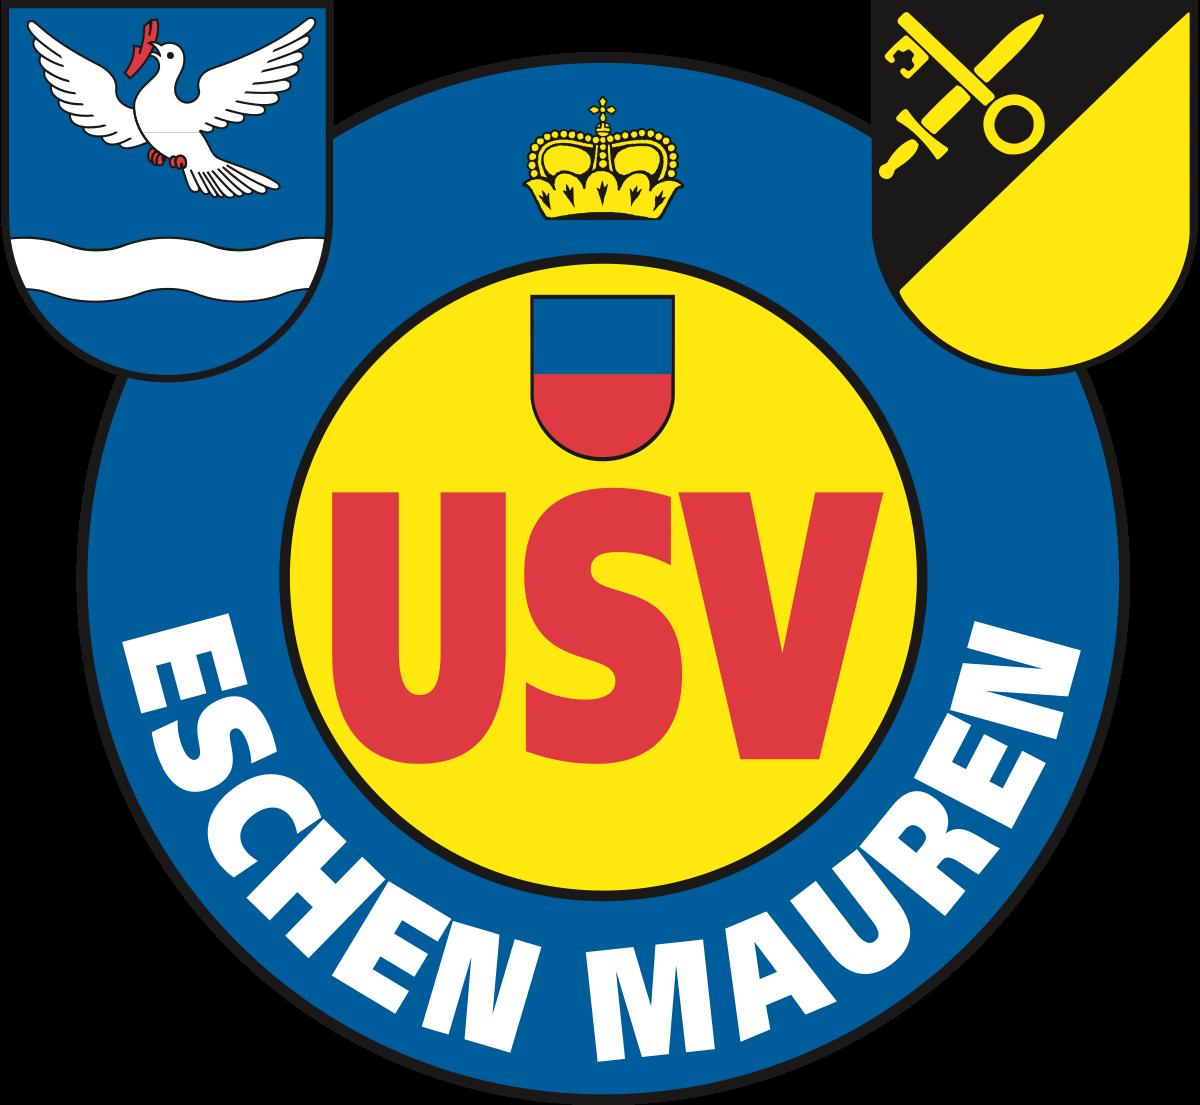 Eschen Mauren logo